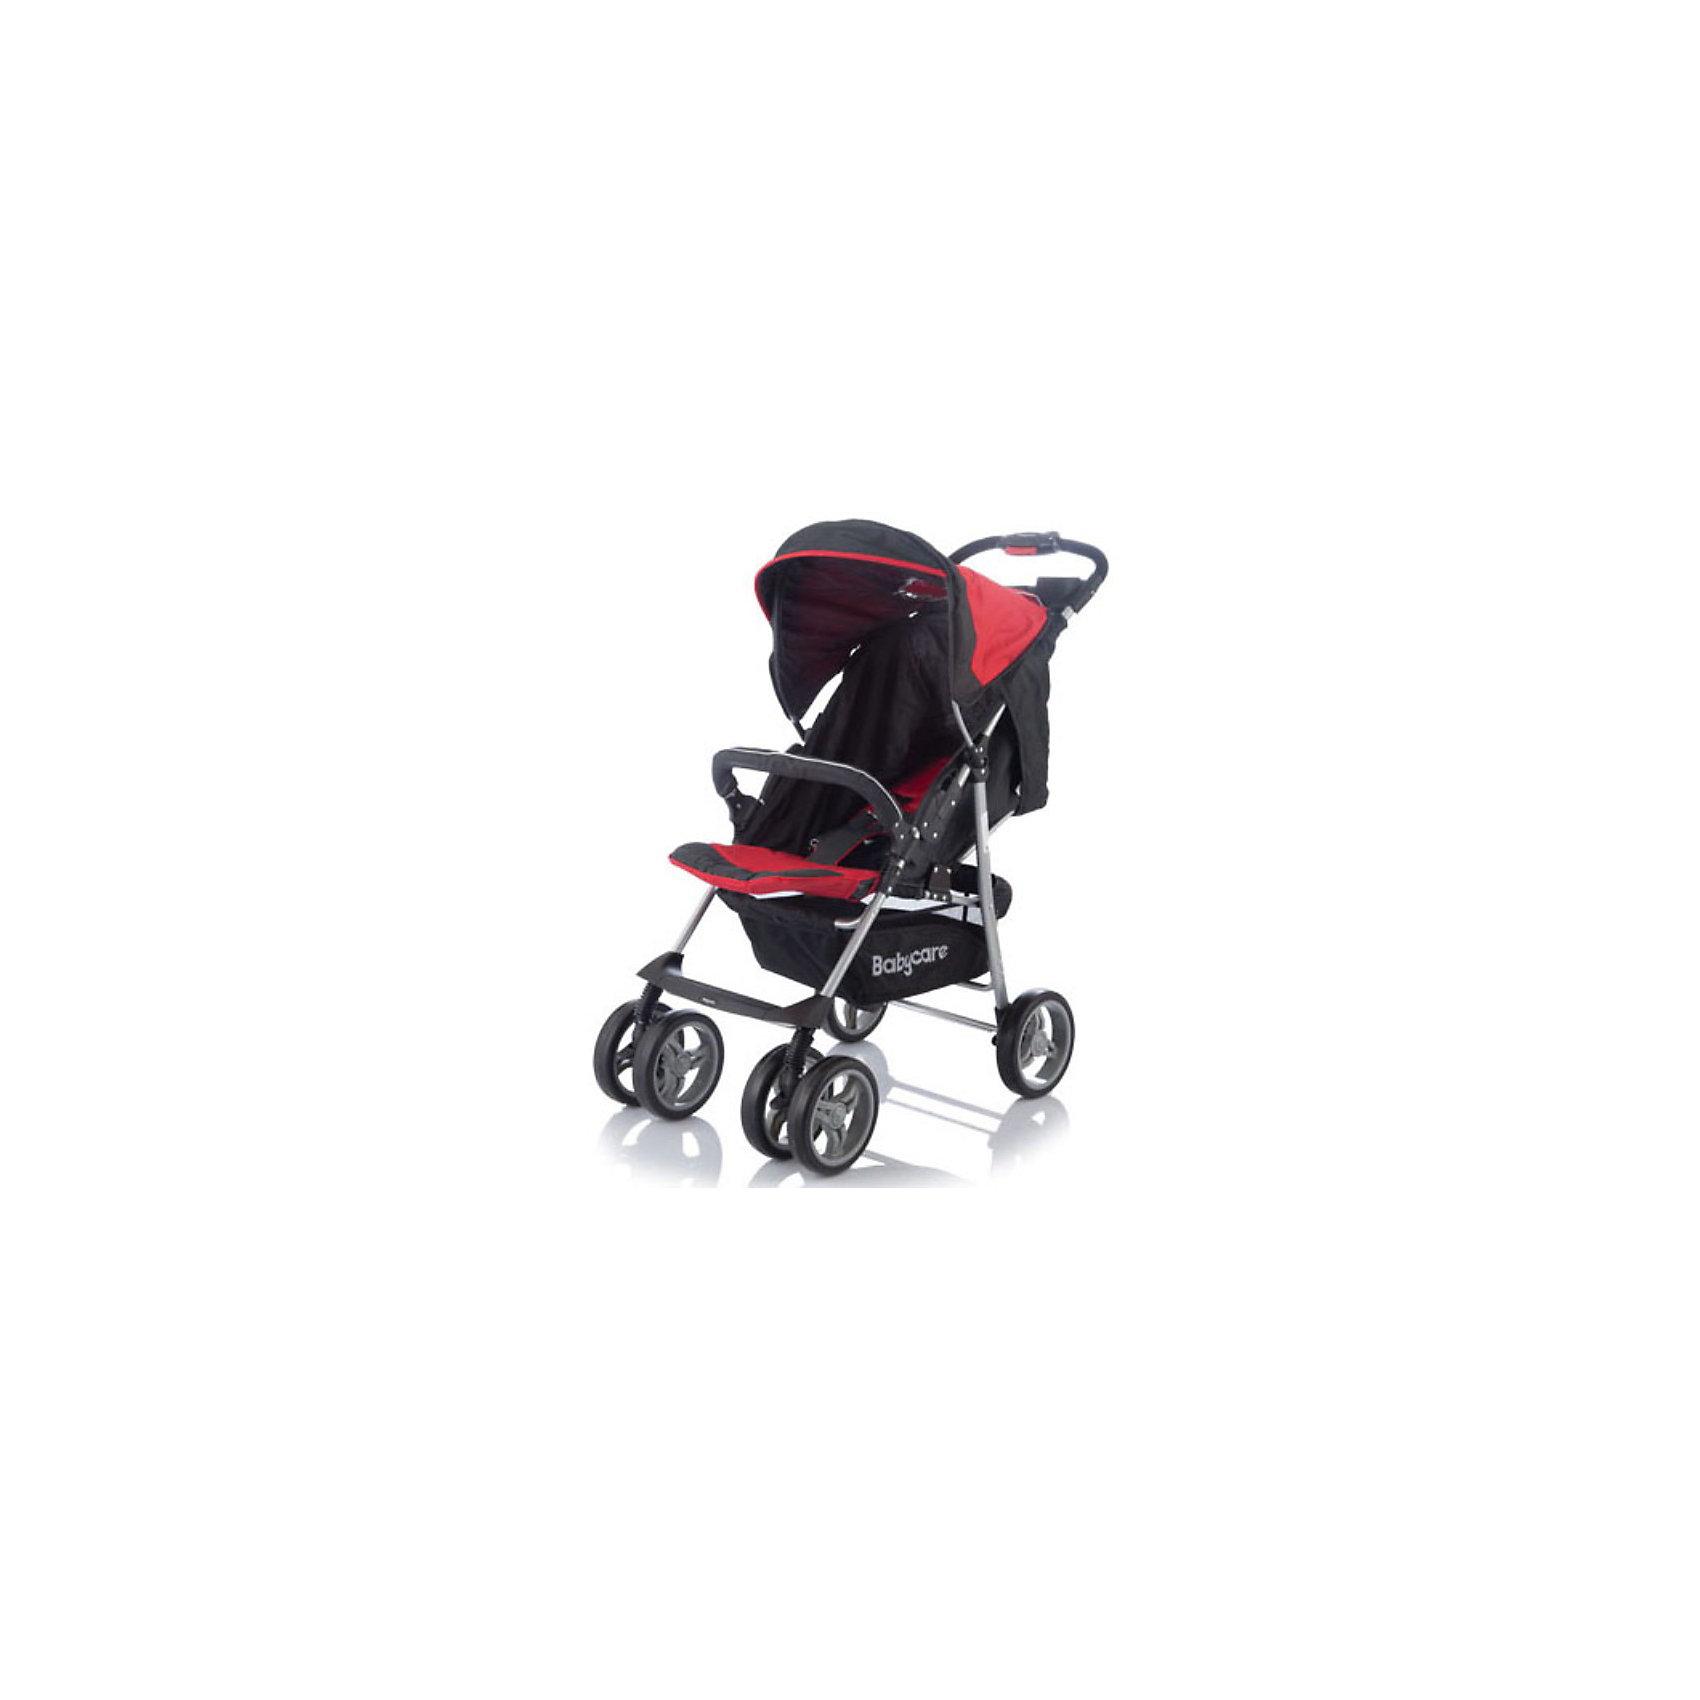 Прогулочная коляска Voyager, Baby Care, красныйКоляска Baby Care Voyager - легкая и маневренная прогулочная коляска. Благодаря продуманному дизайну коляска очень комфортна не только для ребенка но и для мамы.<br>Колеса из прочного и легкого пластикового полимера обеспечивают проходимость по любой местности, не гремят по асфальту, передние колеса можно фиксировать как в положении прямо так и в свободном (360 градусов).<br><br>Коляска оснащена удобным сиденьем для малыша с 5-точечными ремнями безопасности и съемным бампером, спинка механически раскладывается в 3-х положениях до 170 <br>градусов. Подножку также можно настраивать по высоте, с ее помощью получается просторное спальное место оптимальной длины. Сиденье защищено большим опускающимся<br>капюшоном с окошком. В коляске имеется также просторная корзина для детских принадлежностей или покупок и столешница с подстаканниками.<br><br>Коляска легко складывается книжкой, ее компактность и легкий вес позволяют использовать ее во время поездок и путешествий.<br><br>Особенности:<br><br>- 3 положения спинки (включая горизонтальное 170 градусов);<br>- 5-ти точечный ремень безопасности с мягкими наплечниками;<br>- жесткая спинка с плавно регулируемым наклоном;<br>- регулируемая подножка;<br>- бампер с мягкой обивкой.<br>- облегченная алюминиевая рама;<br>- двойные плавающие передние колеса с фиксацией<br>- колеса из вспененной искусственной резины с добавлением каучука, по асфальту не гремят.<br>- большая корзина для вещей;<br>- чехол на ножки;<br>- подставка для родителей.<br><br>Дополнительная информация:<br><br>- Материал: ткань, аллюминий.<br>- Цвет: красный.<br>- Ширина колесной базы: 48 см.<br>- Диаметр колес: 19 см.<br>- Длина спального места: 83 см.<br>- Ширина сиденья: 38 см.<br>- Размеры в разложенном виде: 50 х 83 х 100 см.<br>- Размеры в упаковке: 20 х 53 х 90 см.<br>- Вес: 7,5 кг. <br><br>Прогулочную коляску Voyager от Baby Care можно купить в нашем интернет-магазине.<br><br>Ширина мм: 900<br>Глубина мм: 200<b